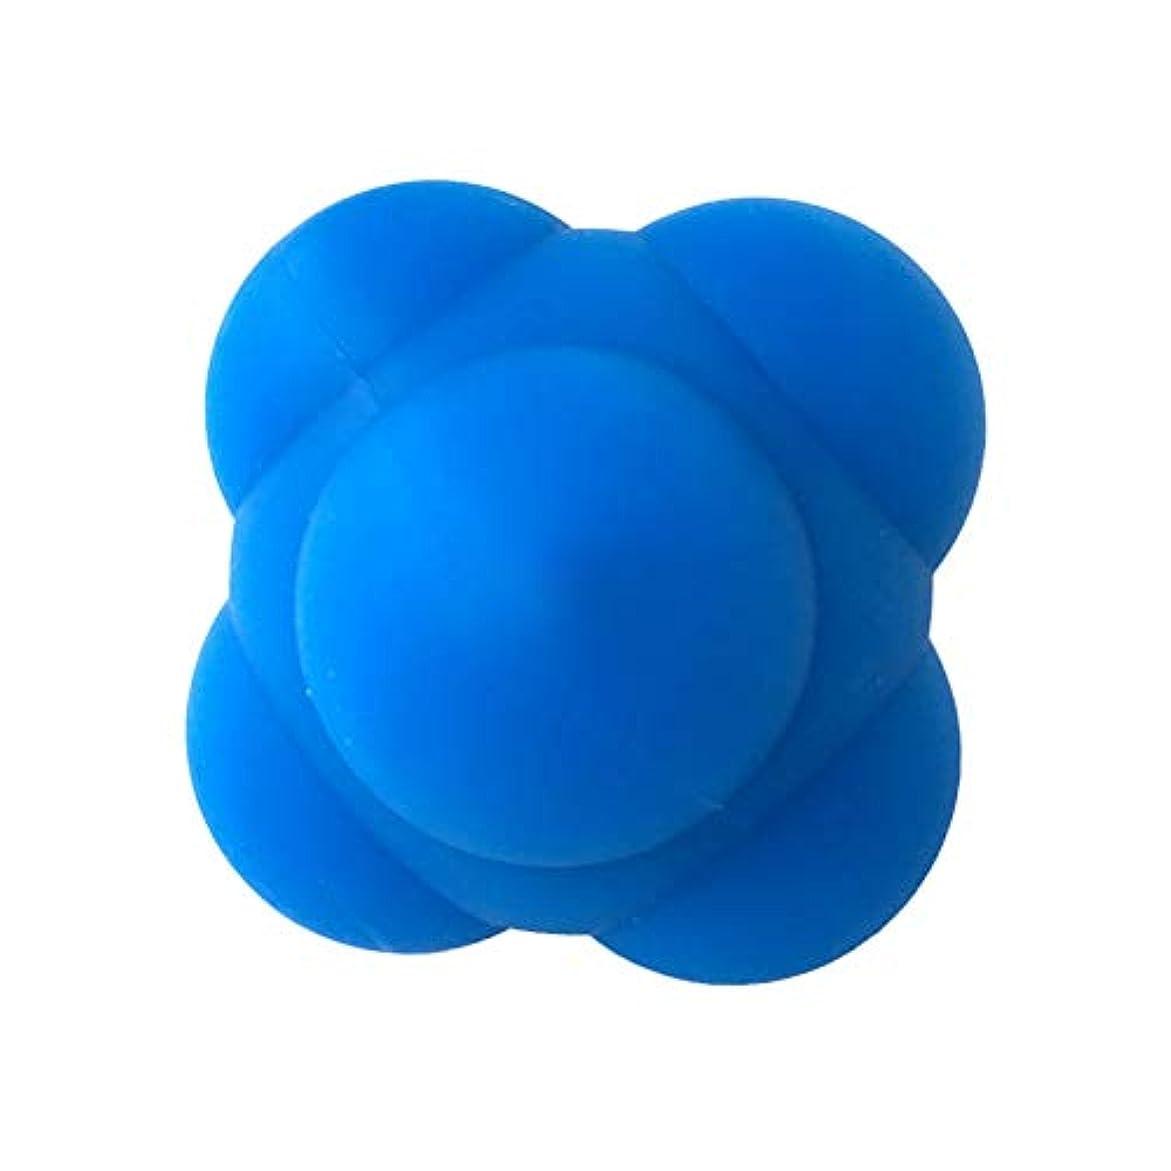 Healifty シリコントレーニングボールフィットネスリアクションエクササイズボール速さと敏捷性トレーニングボール(青/ 6cm)